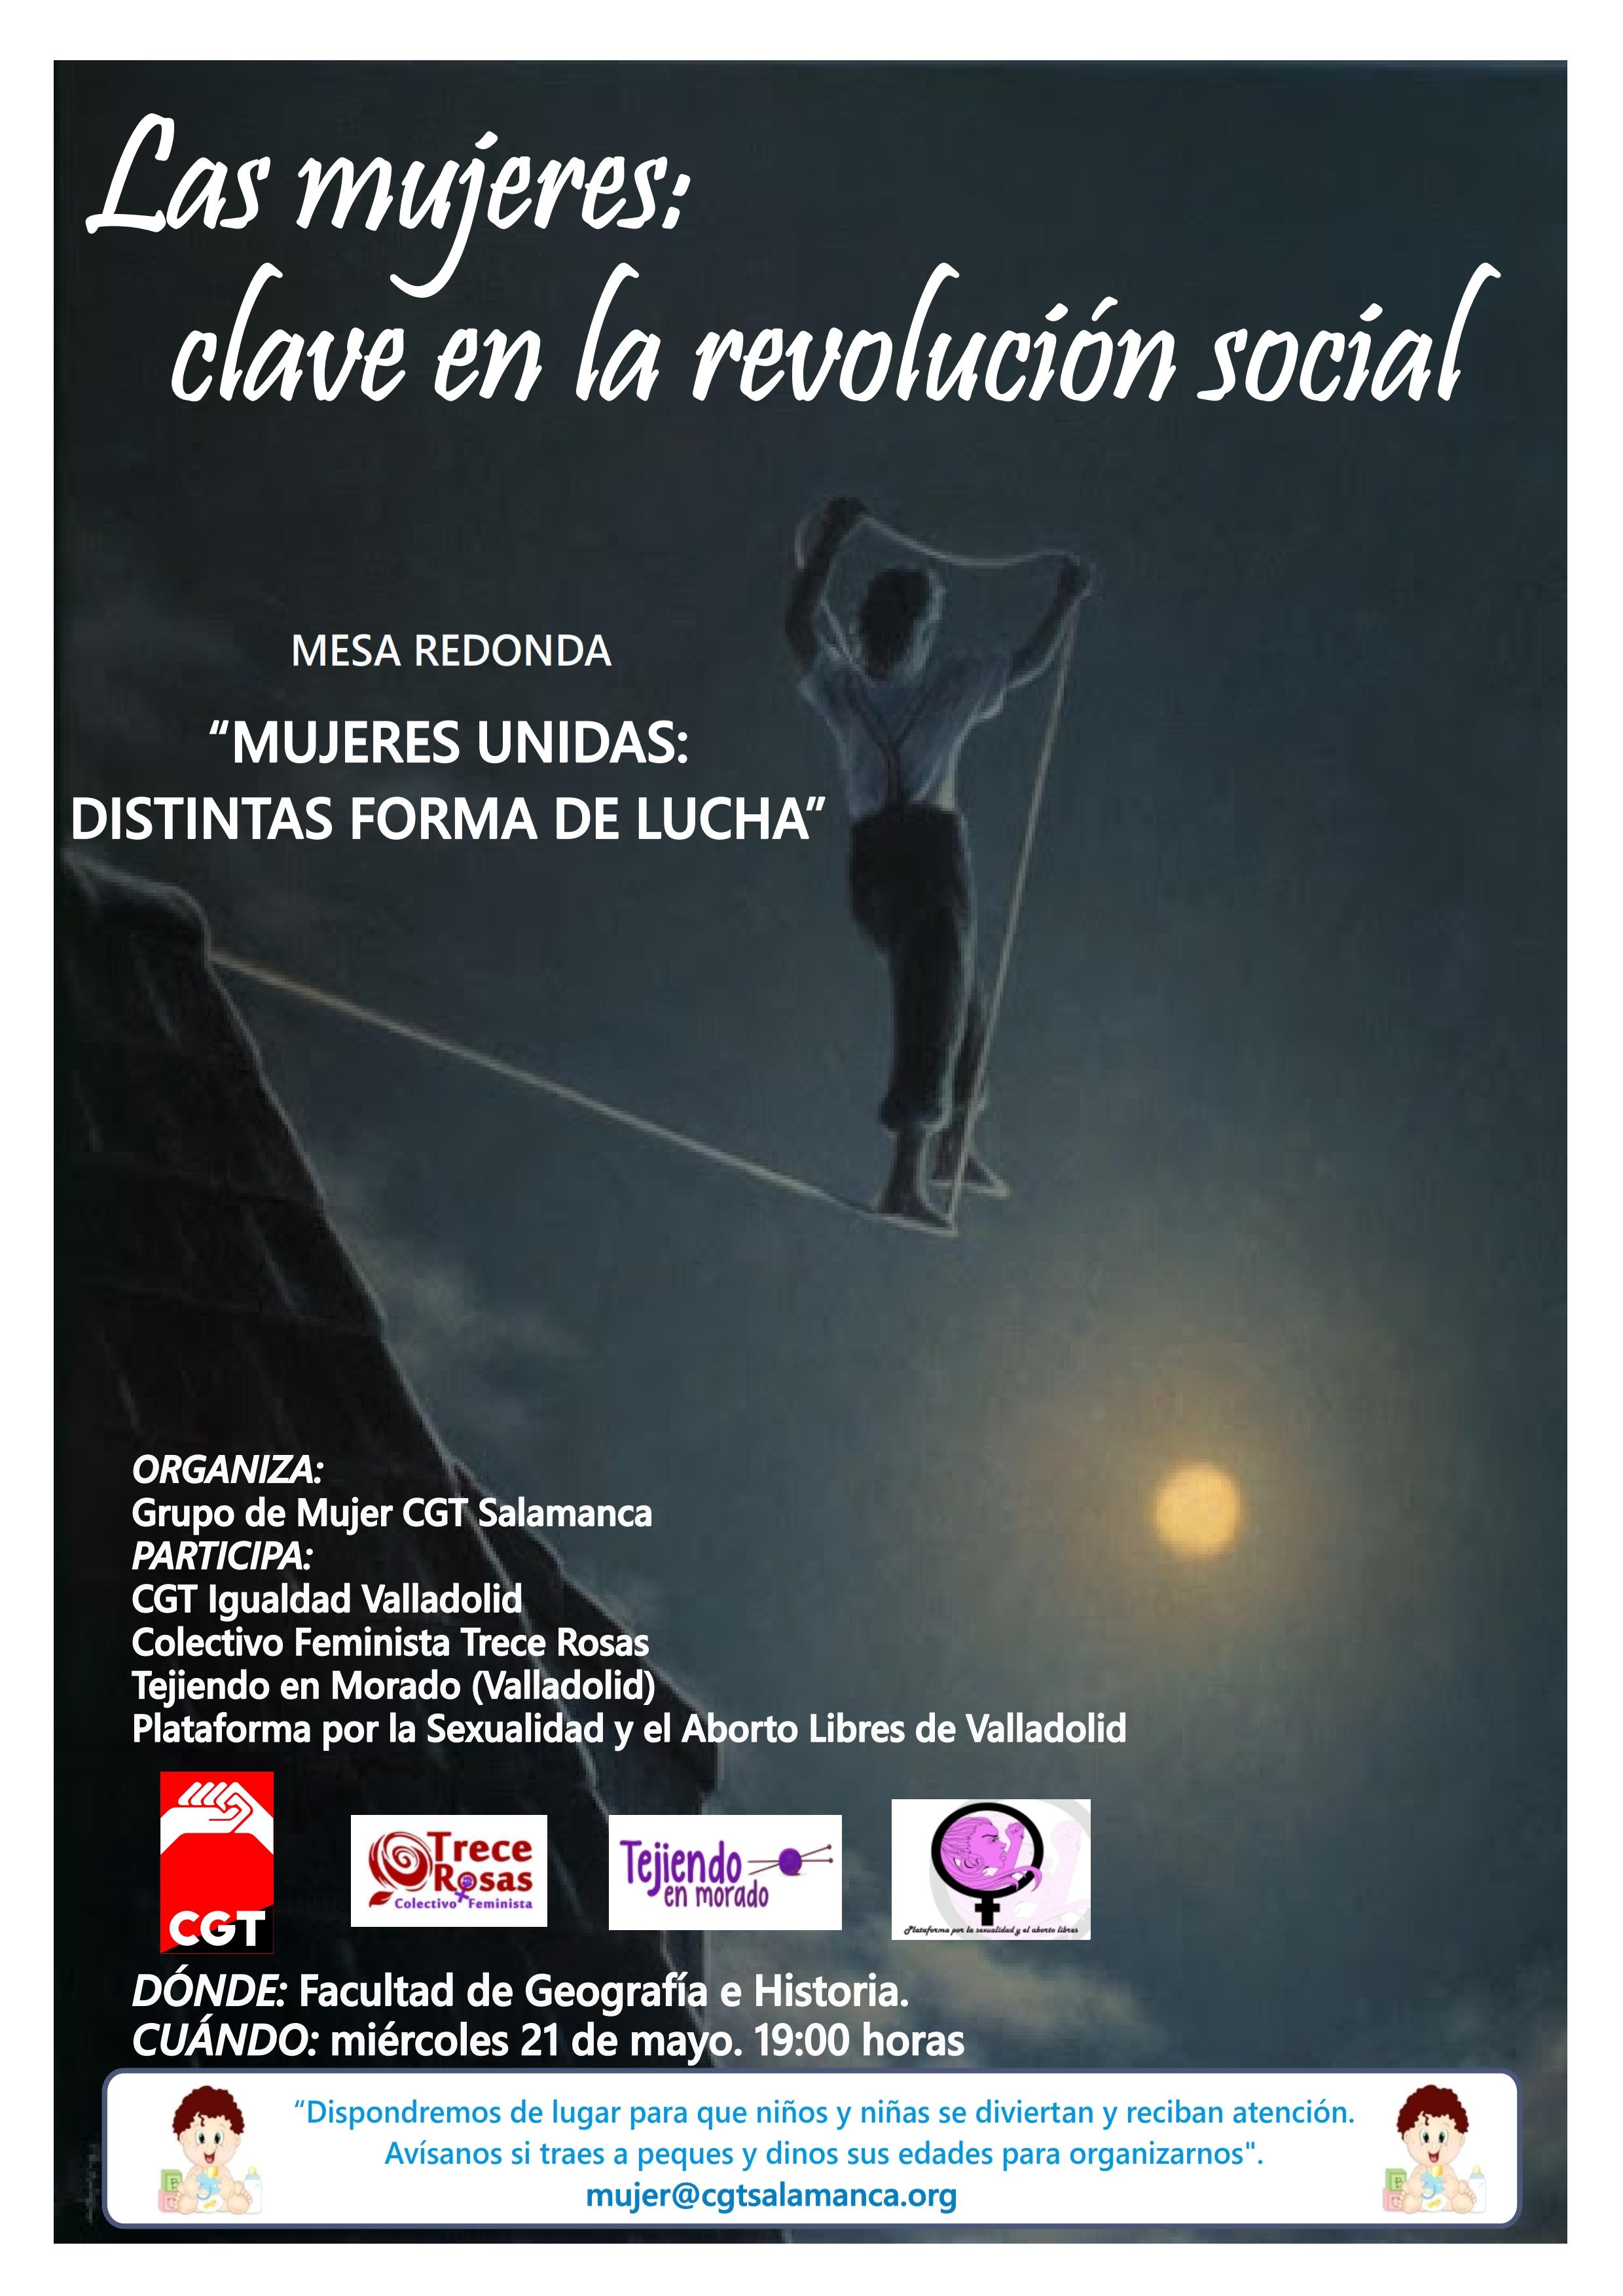 Cartel_Las_mujeres_clave_en_la_revolucion_social_001